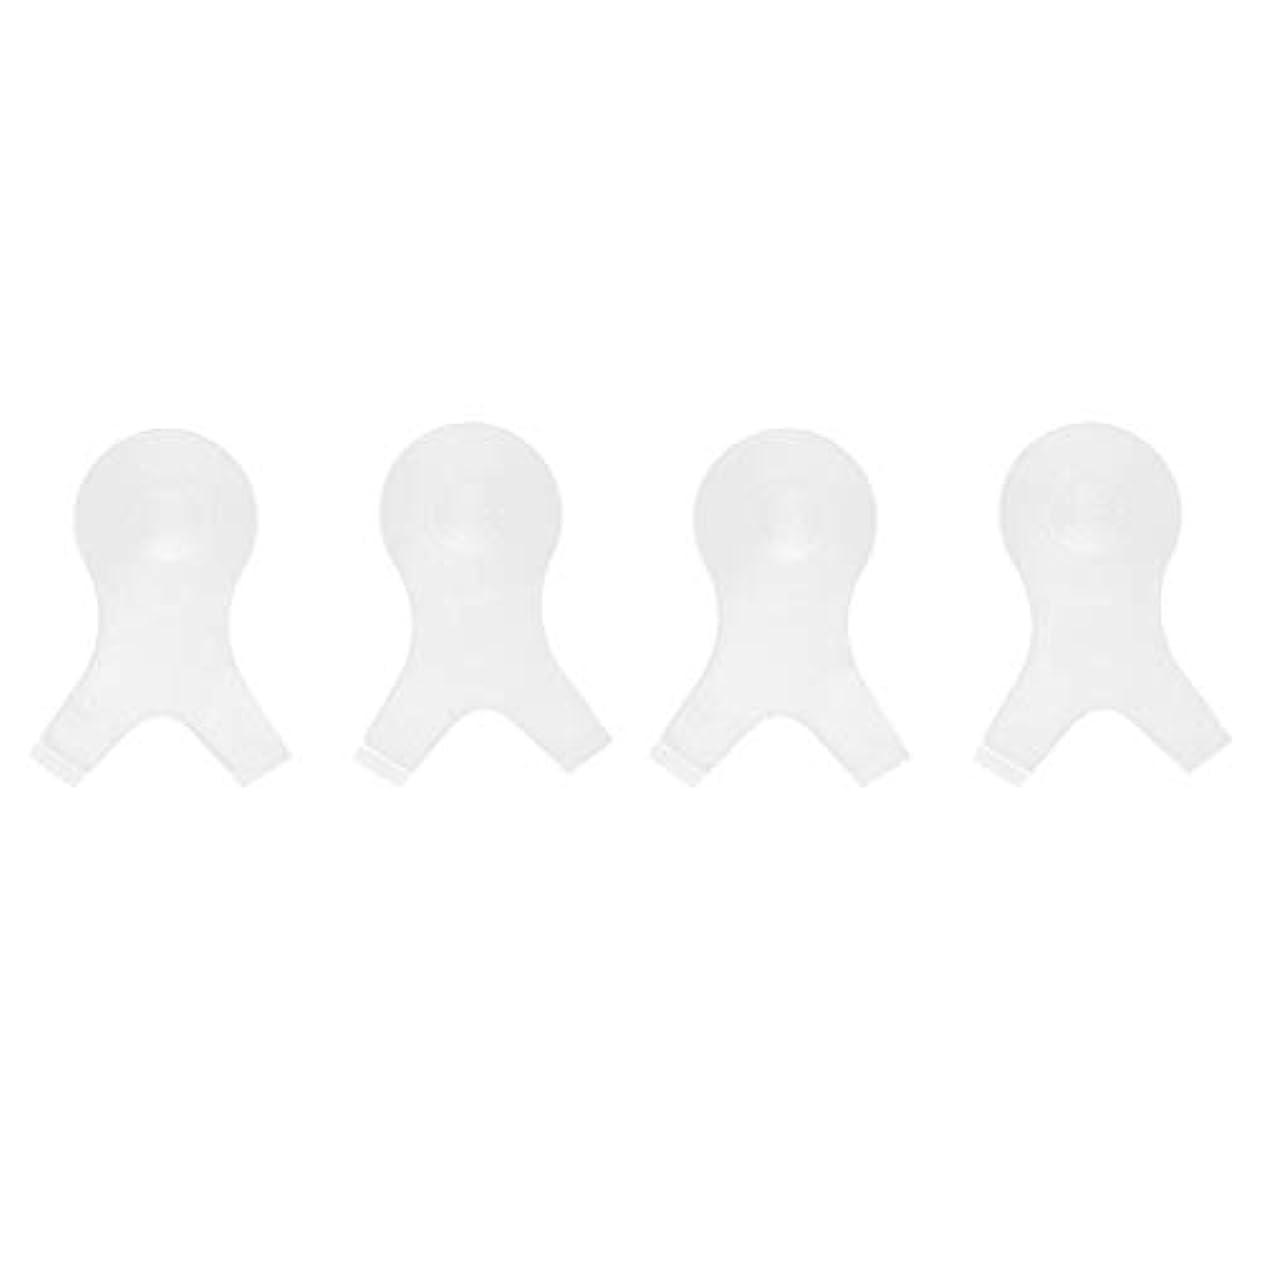 曲げる死の顎知っているに立ち寄る4個 Y字型 まつ毛パーシングブラシ まつ毛 エクステンションパーマ用 メイクアップツール